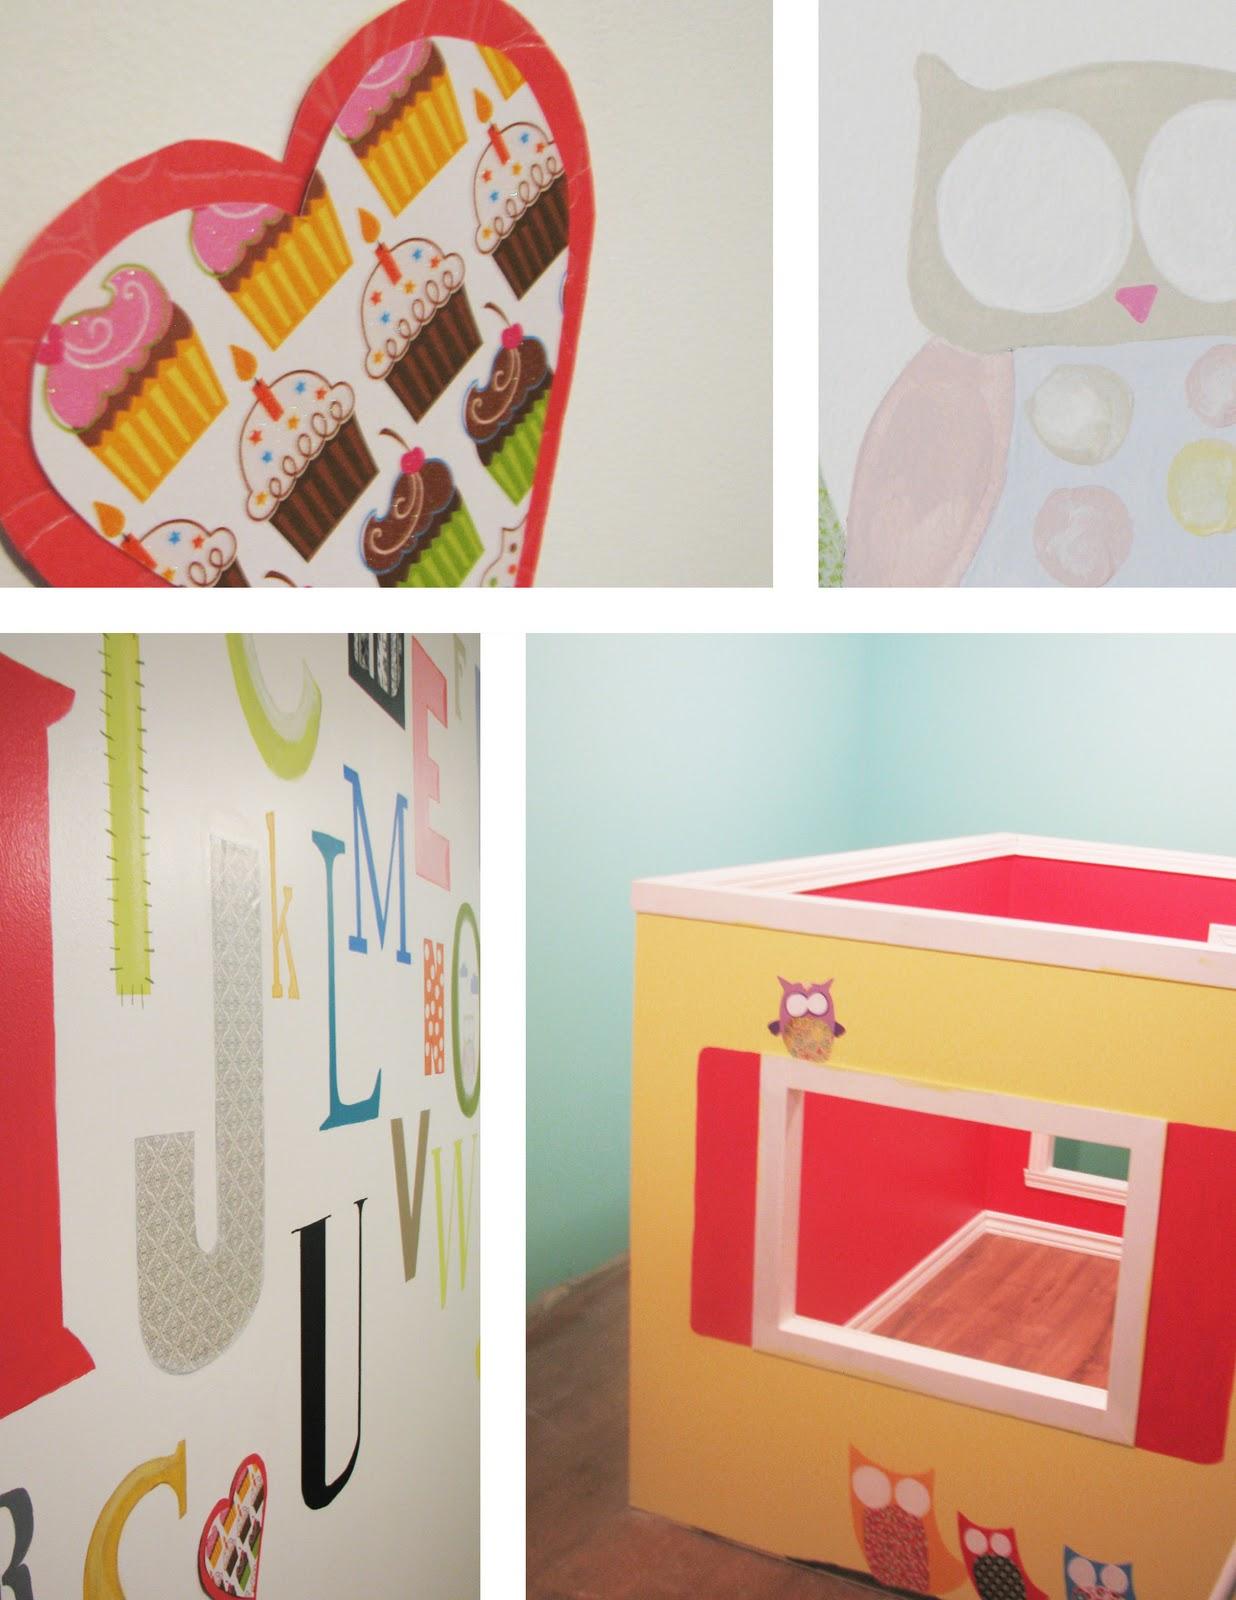 Papier Peint Pour Salle De Jeux - Papier peint du fun pour la chambre des enfants Côté